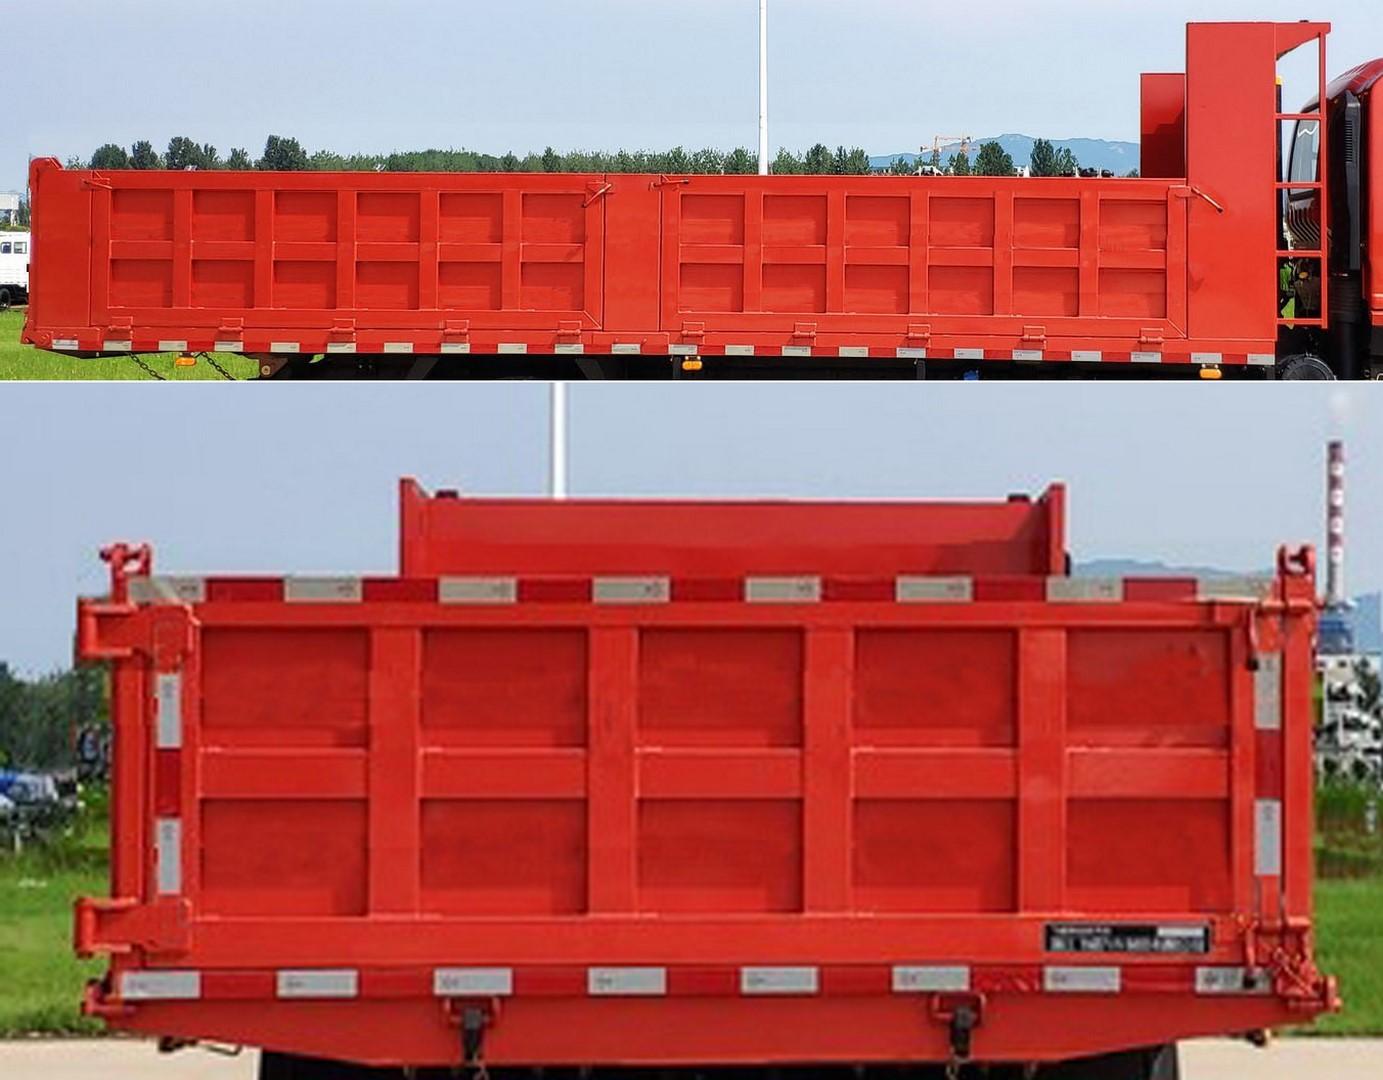 飞碟奥驰 X3系列 140马力 5.46米自卸车(FD3123MP8K4)口碑